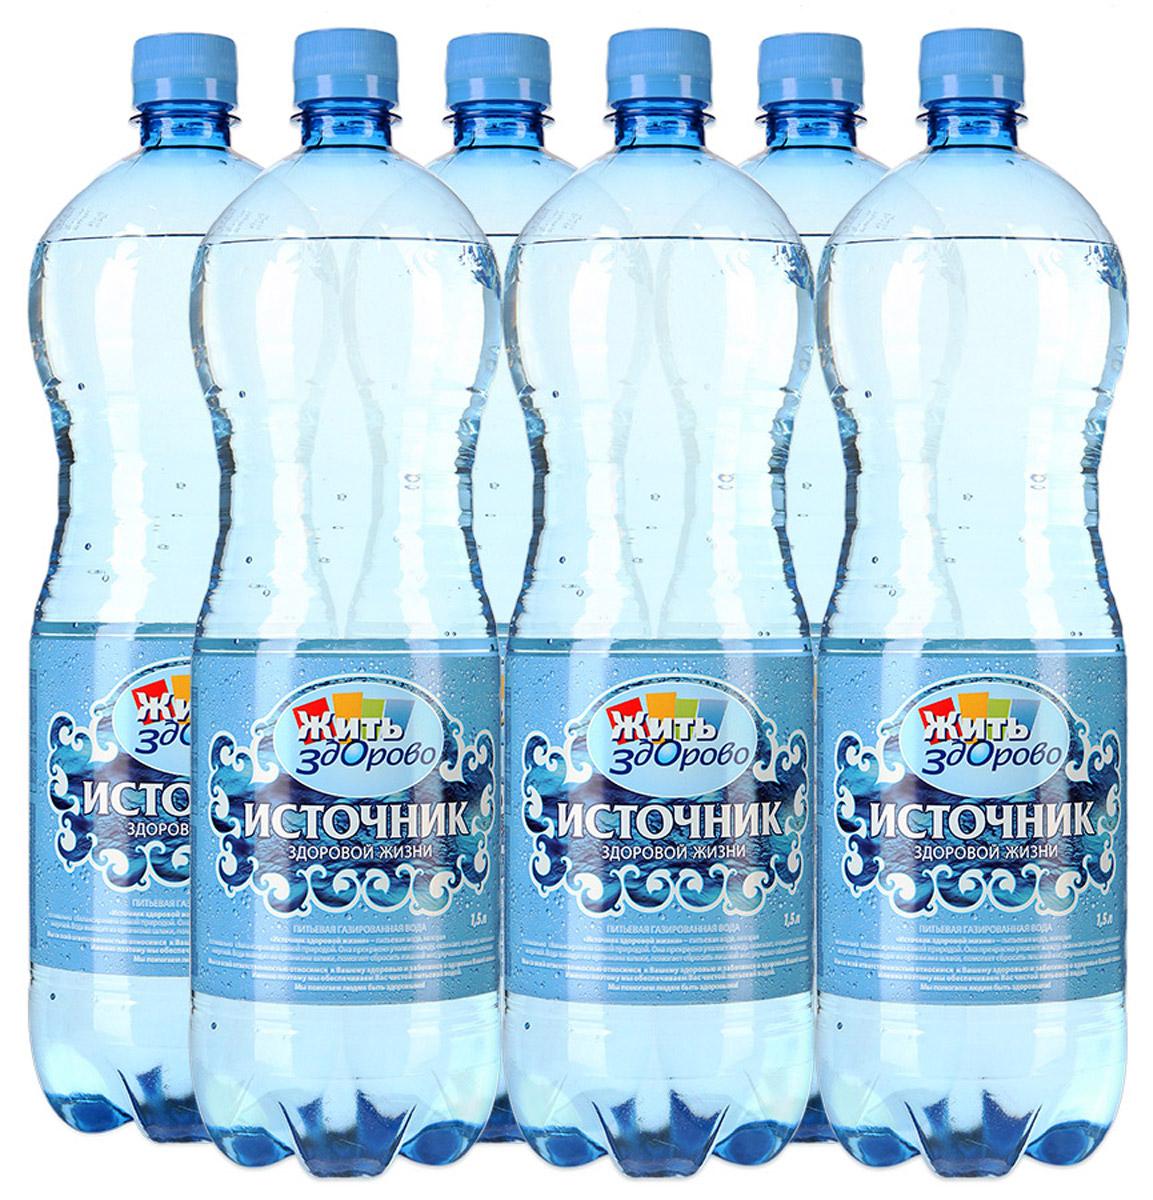 Источник здоровой жизни питьевая вода газированная 1,5 л.00-00000154Источник здоровой жизни - единственная питьевая вода, одобренная экспертами программы Жить здорово. «Жить здорово» - программа о здоровье и для здоровья, которой доверяют миллионы россиян! Полезные рекомендации помогают избежать различных недугов и правильно организовать профилактику многих заболеваний. Экспертами «Жить здорово» являются ведущие специалисты в области медицины: педиатры, иммунологи, неврологи, кардиологи, мануальные терапевты и другие. «Вода важнее, чем еда! Качество питьевой воды, которую мы используем каждый день, имеет огромное значение для здоровья» - Эксперты «Жить здорово». «Источник здоровой жизни» - питьевая вода, которая оптимально сбалансирована самой природой. Она прекрасно утоляет жажду, освежает, очищает, наполняет энергией. Вода выводит из организма шлаки, помогает сбросить лишний вес, улучшает общее состояние. Производитель со всей ответственностью относится к вашему здоровью и заботится о здоровье вашей семьи. Именно поэтому он обеспечивает вас...